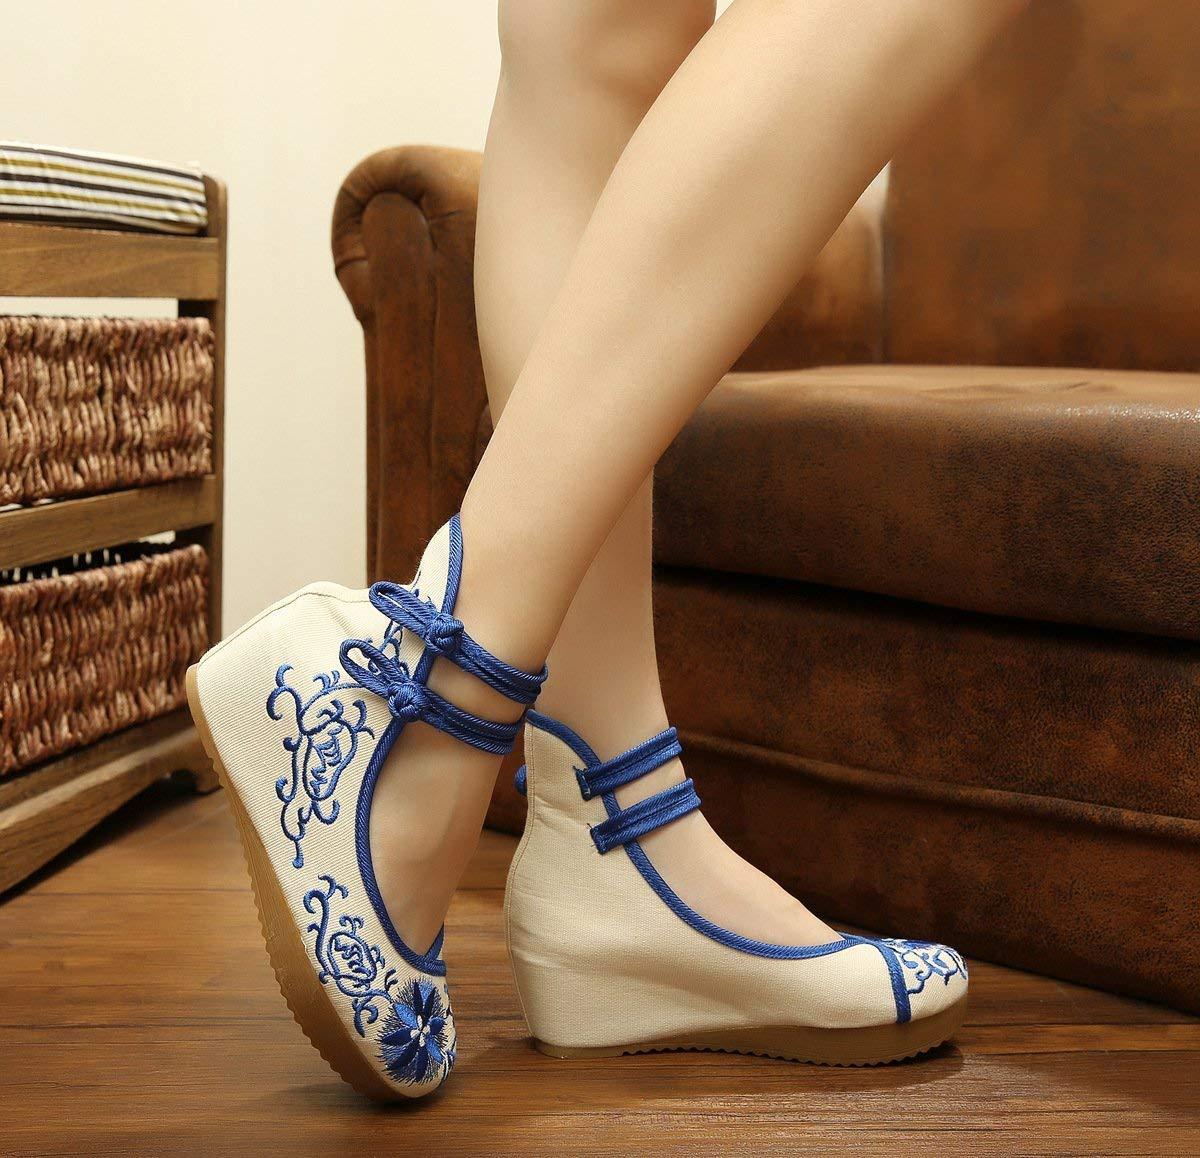 Fuxitoggo Bestickte Schuhe Leinen Sehnensohle Ethno-Stil Erhöhte Damenschuhe Mode bequem bequem bequem lässig blau 41 (Farbe   - Größe   -) 6a0f1a